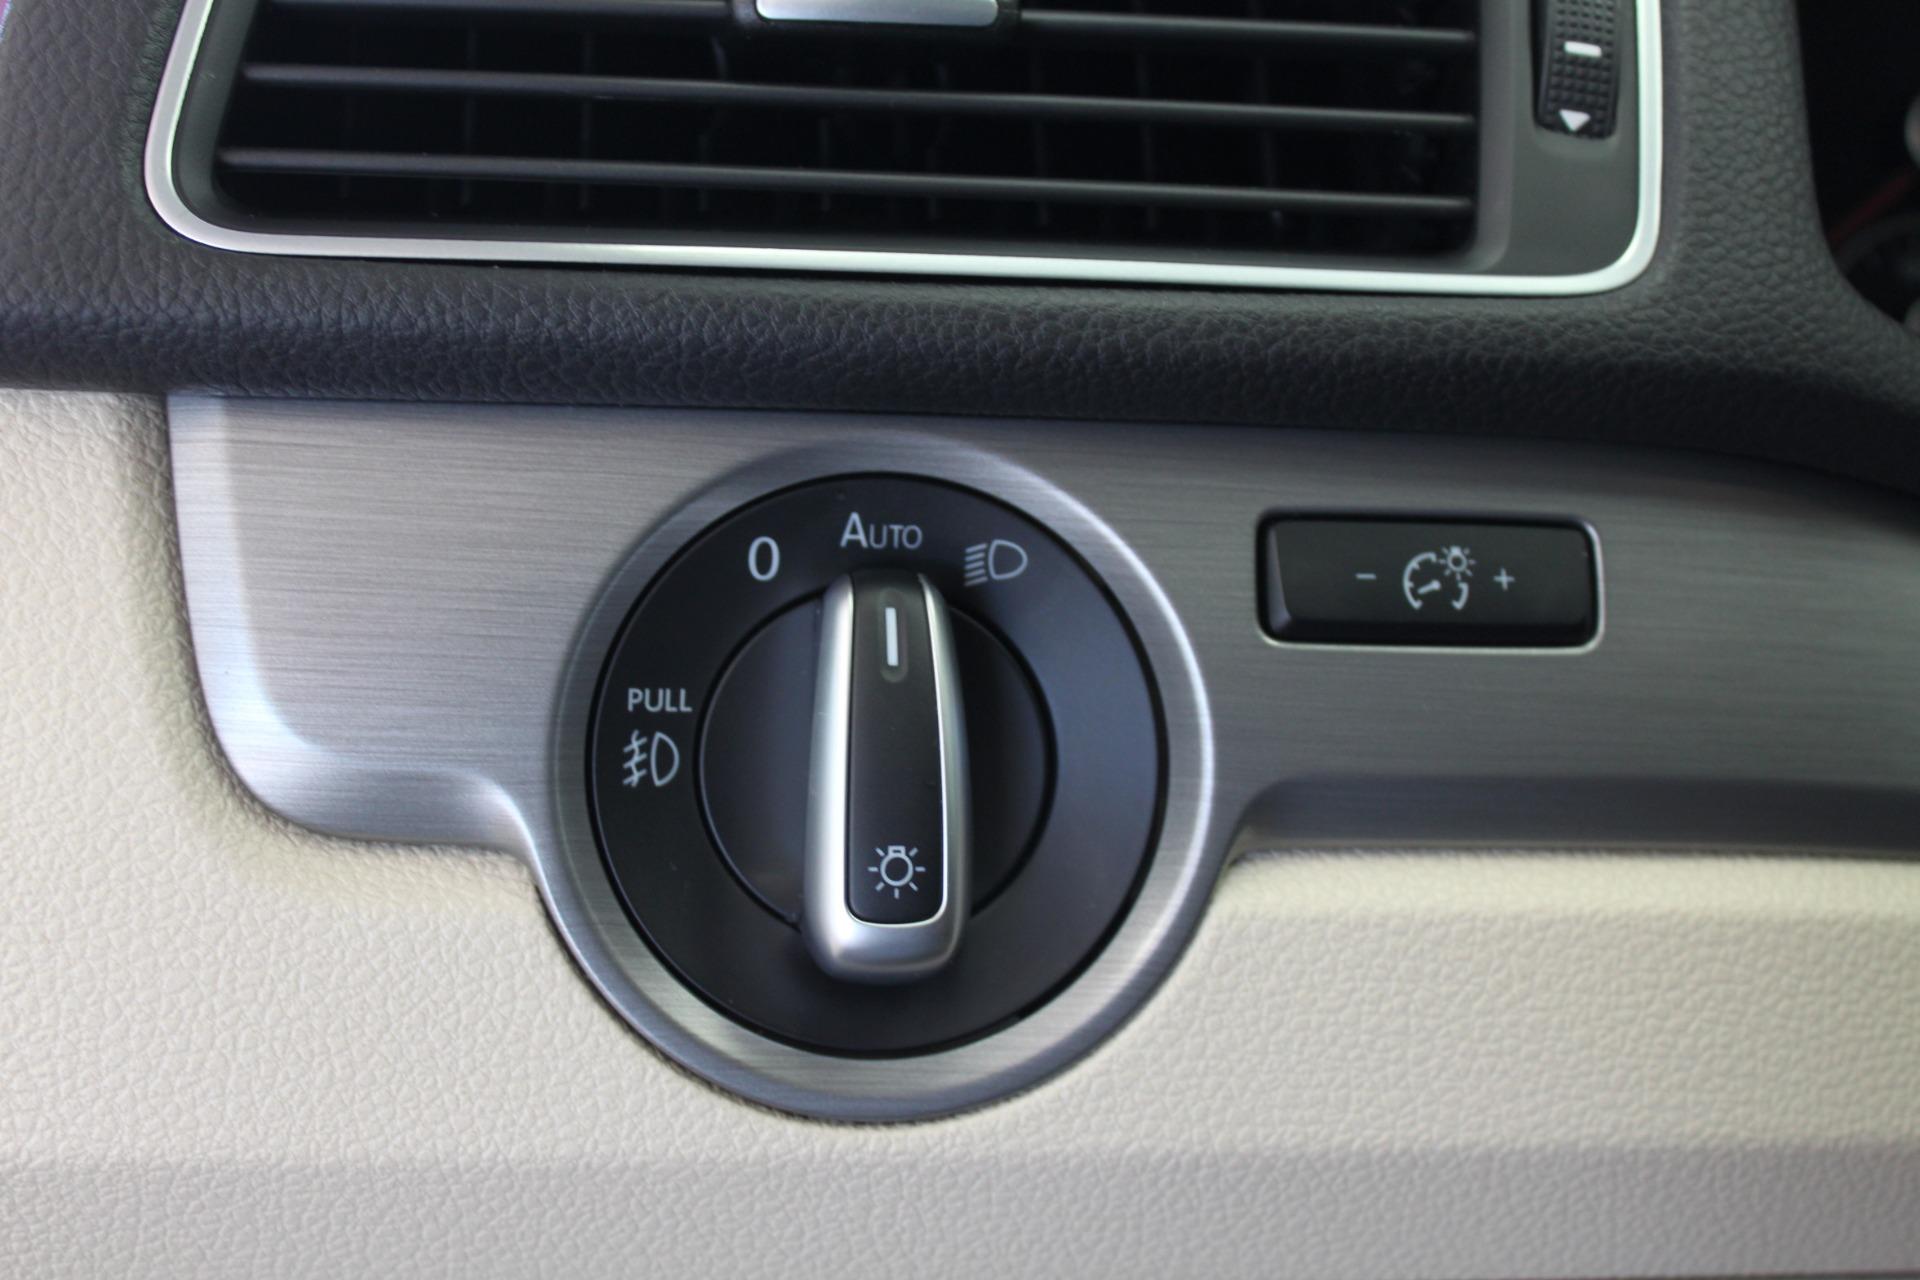 Used-2015-Volkswagen-Passat-18T-SE-w/Sunroof---Nav-Tesla